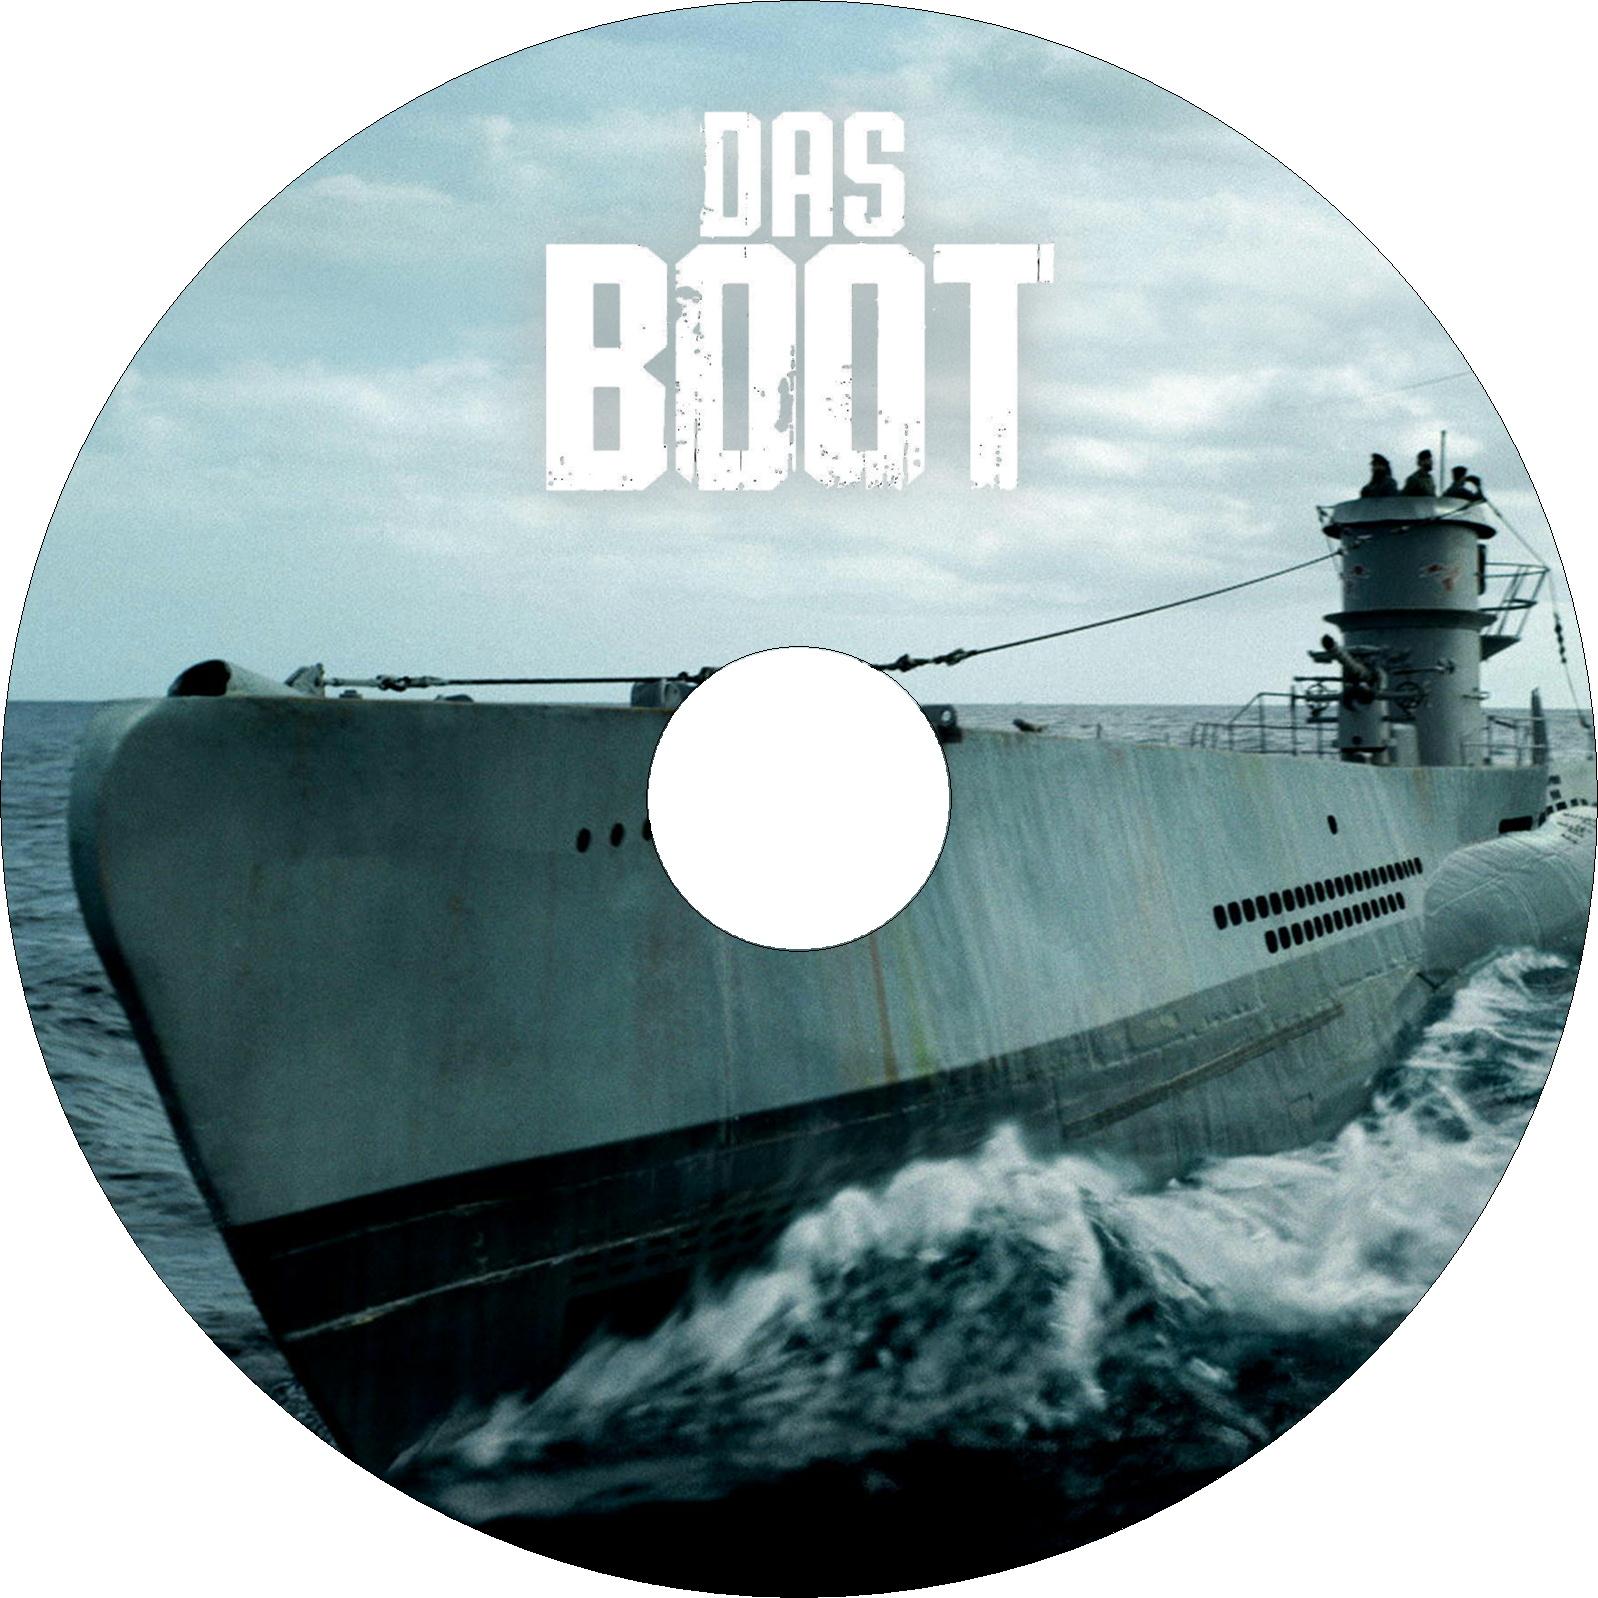 Uボート ザ・シリーズ 深海の狼 ラベル2